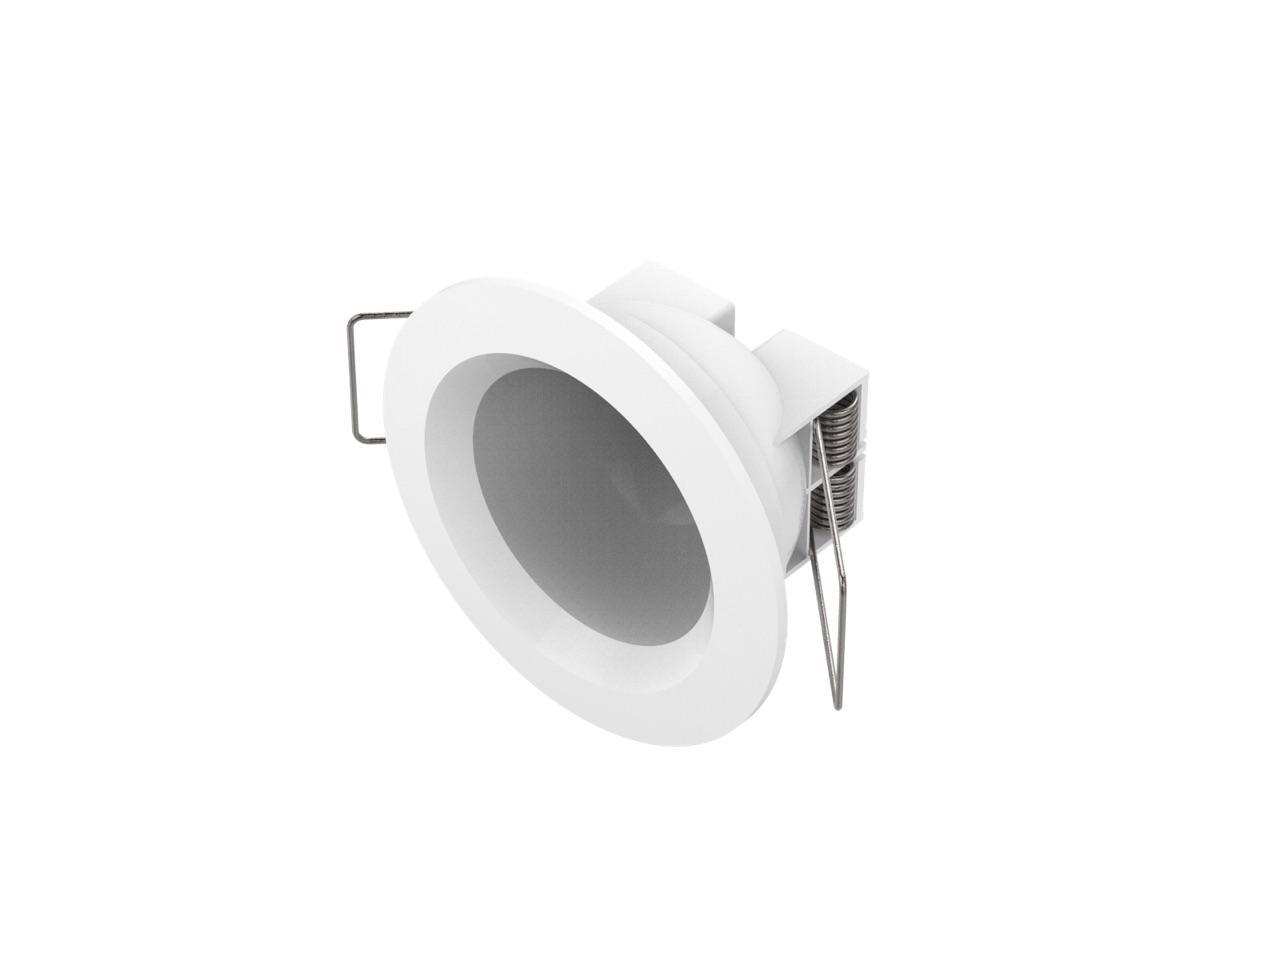 Philio Round Recessor For Philio Motion Sensor Or Fibaro